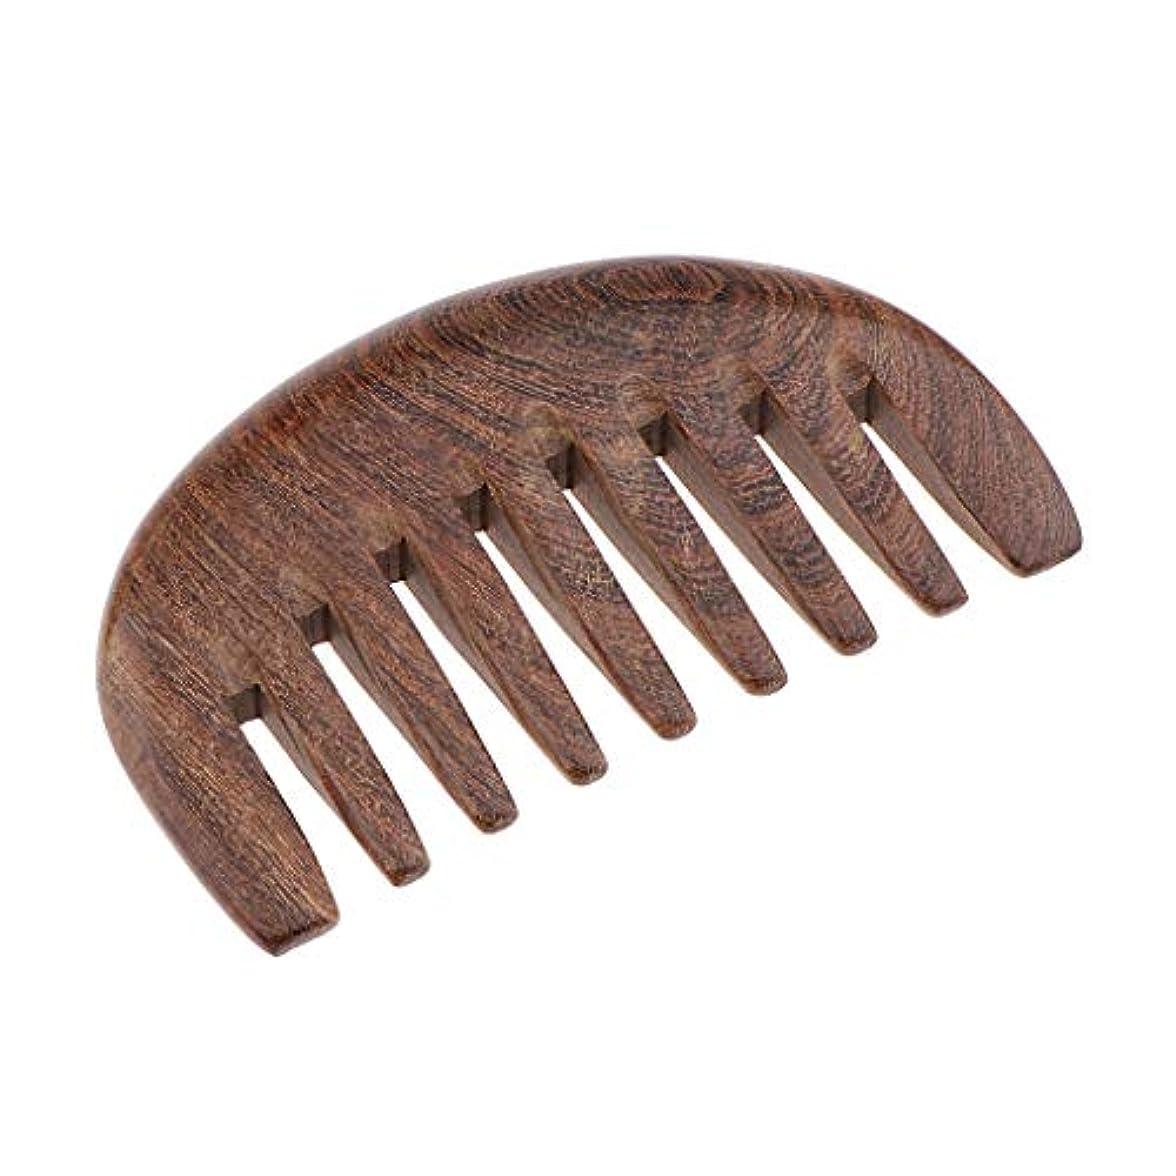 部族細断言語B Blesiya 木製櫛 ヘアブラシ 帯電防止櫛 人間工学 3色選べ - クロロフォラ